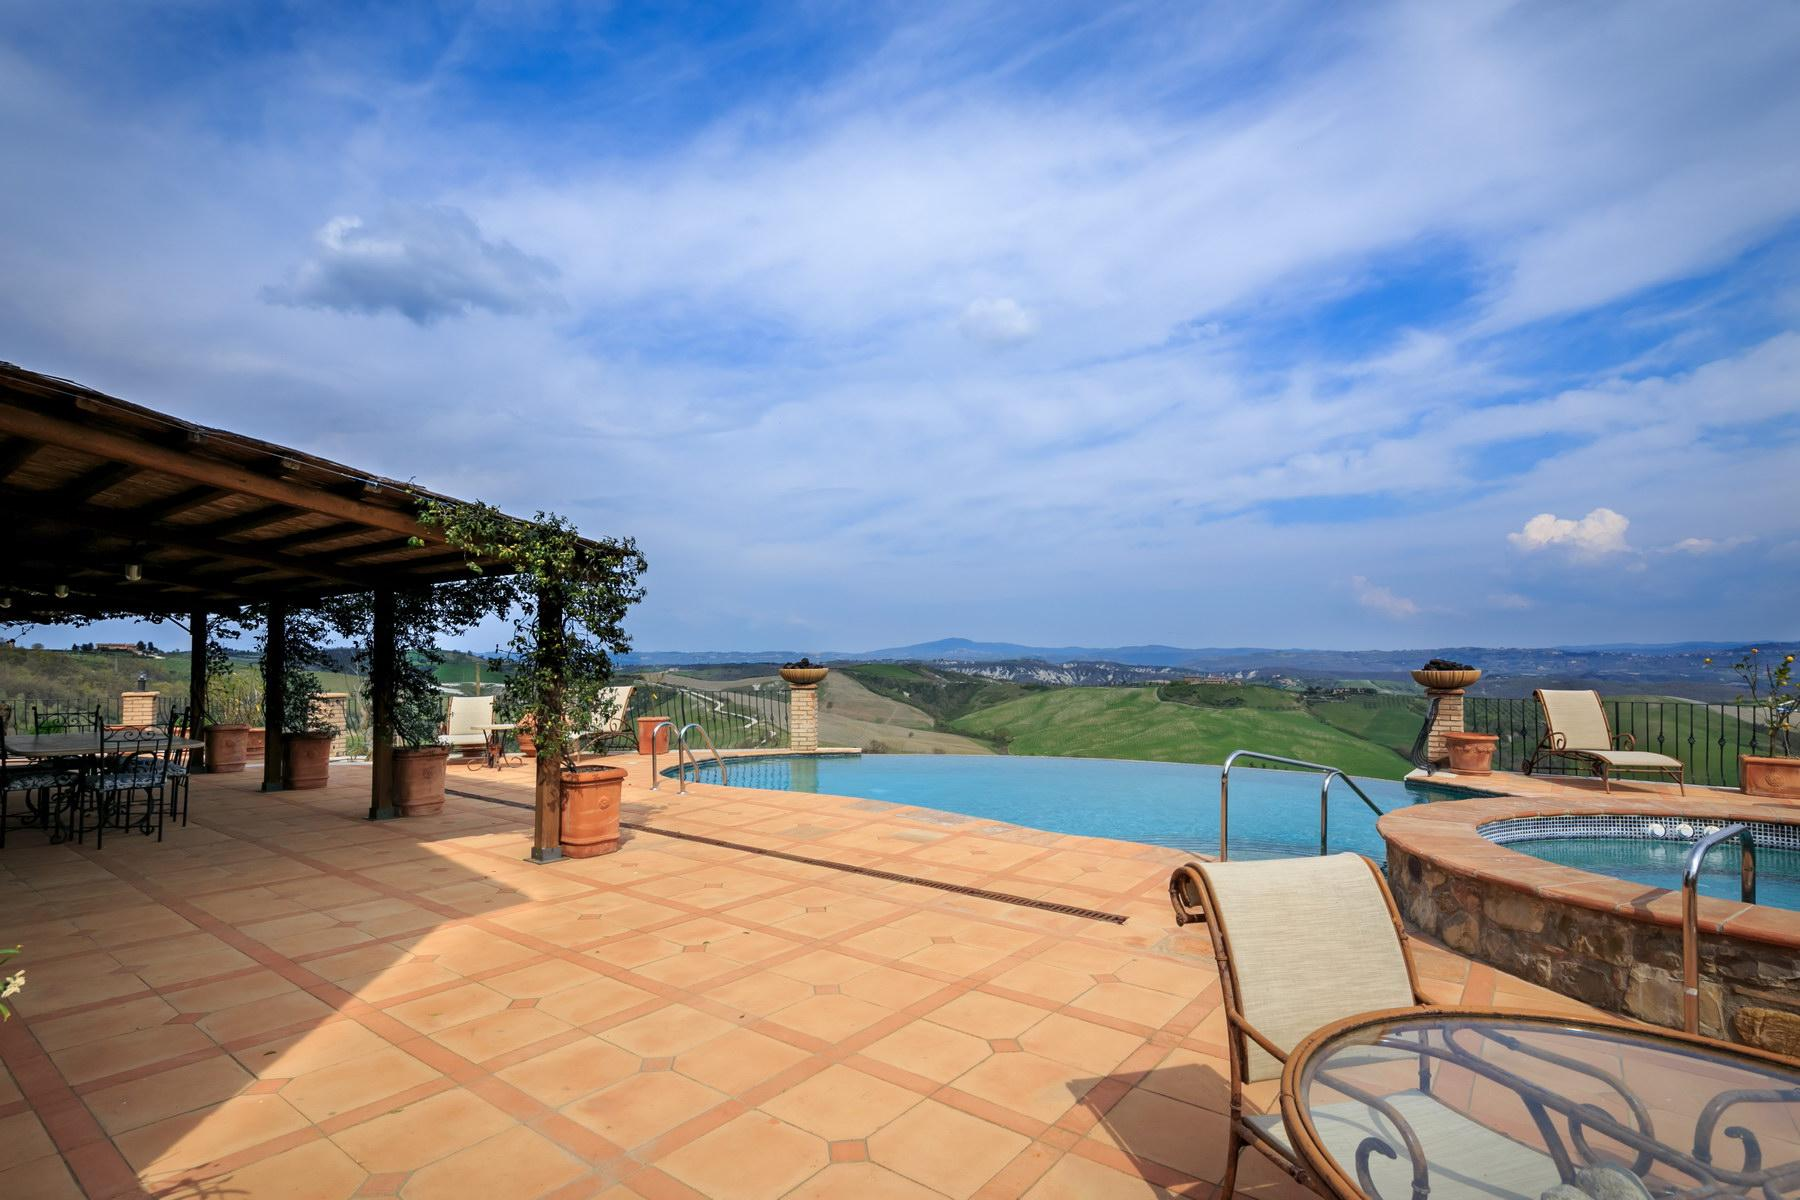 坐落在Umbria山丘的绝美农舍 - 14